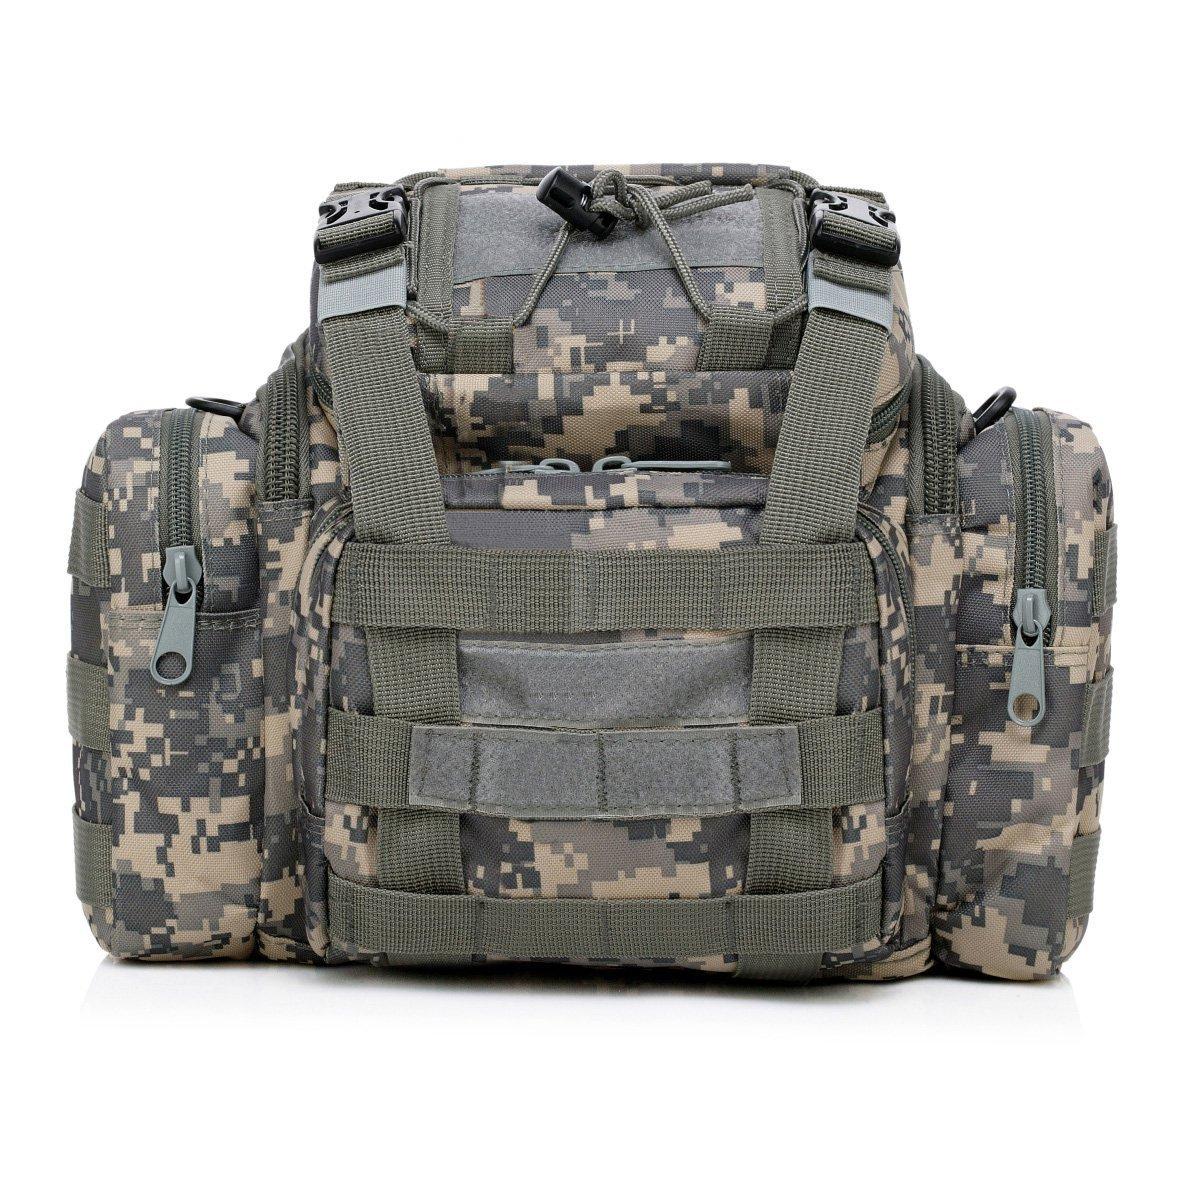 S-ZONE Sac bandoulière militaire pour camping Sac paquet ceinture Voyage Sac utilitaire argent objectif Cadrage G4Free S-ZONE D04V198A